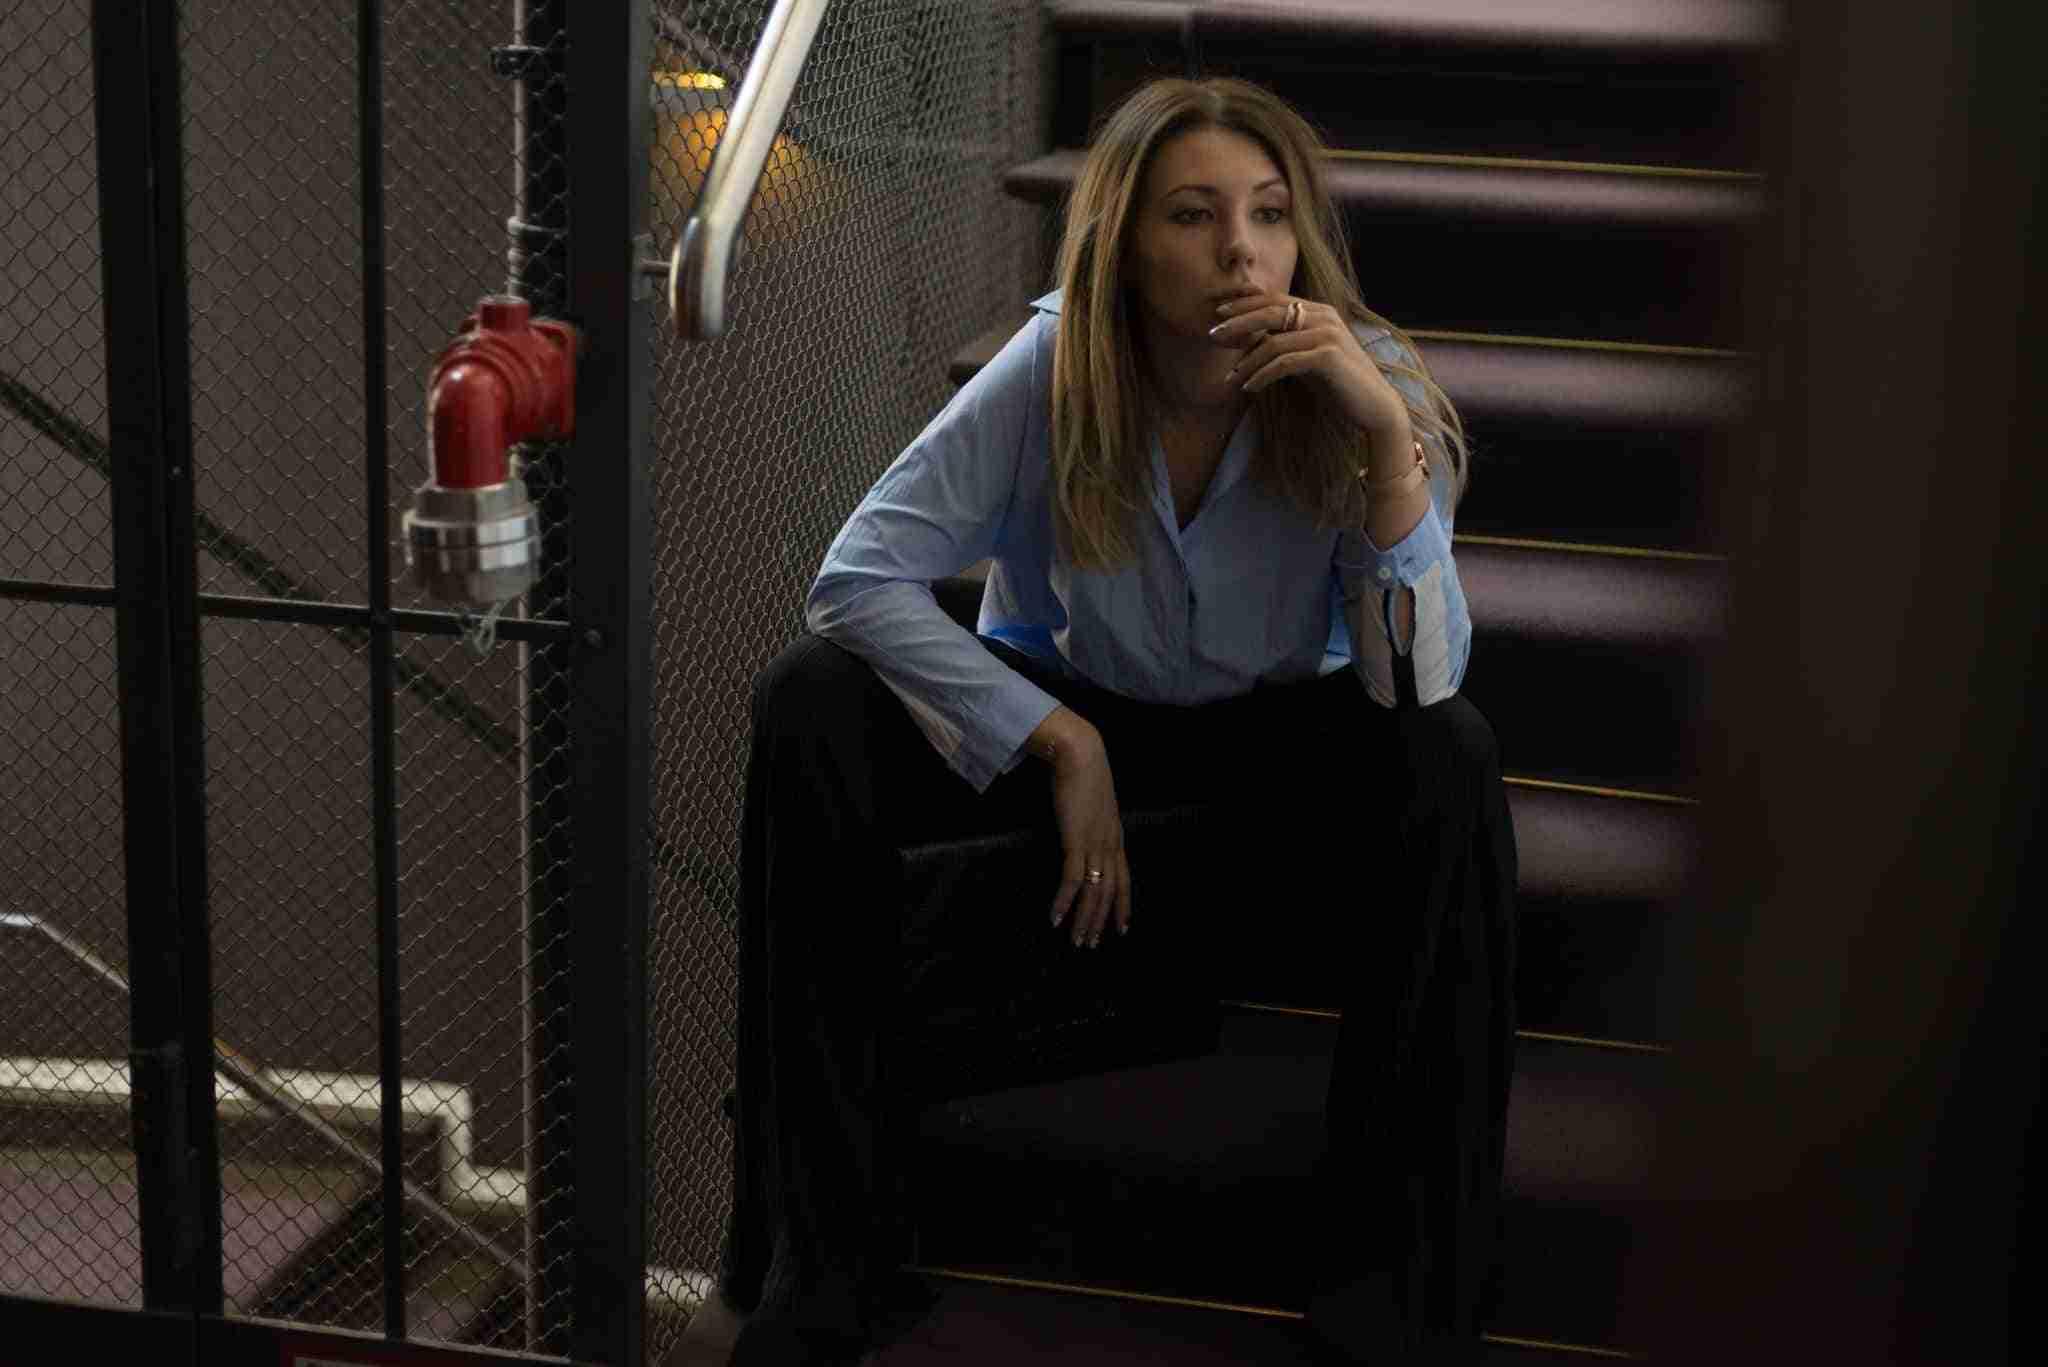 Zamyślona Klaudia na schodach.